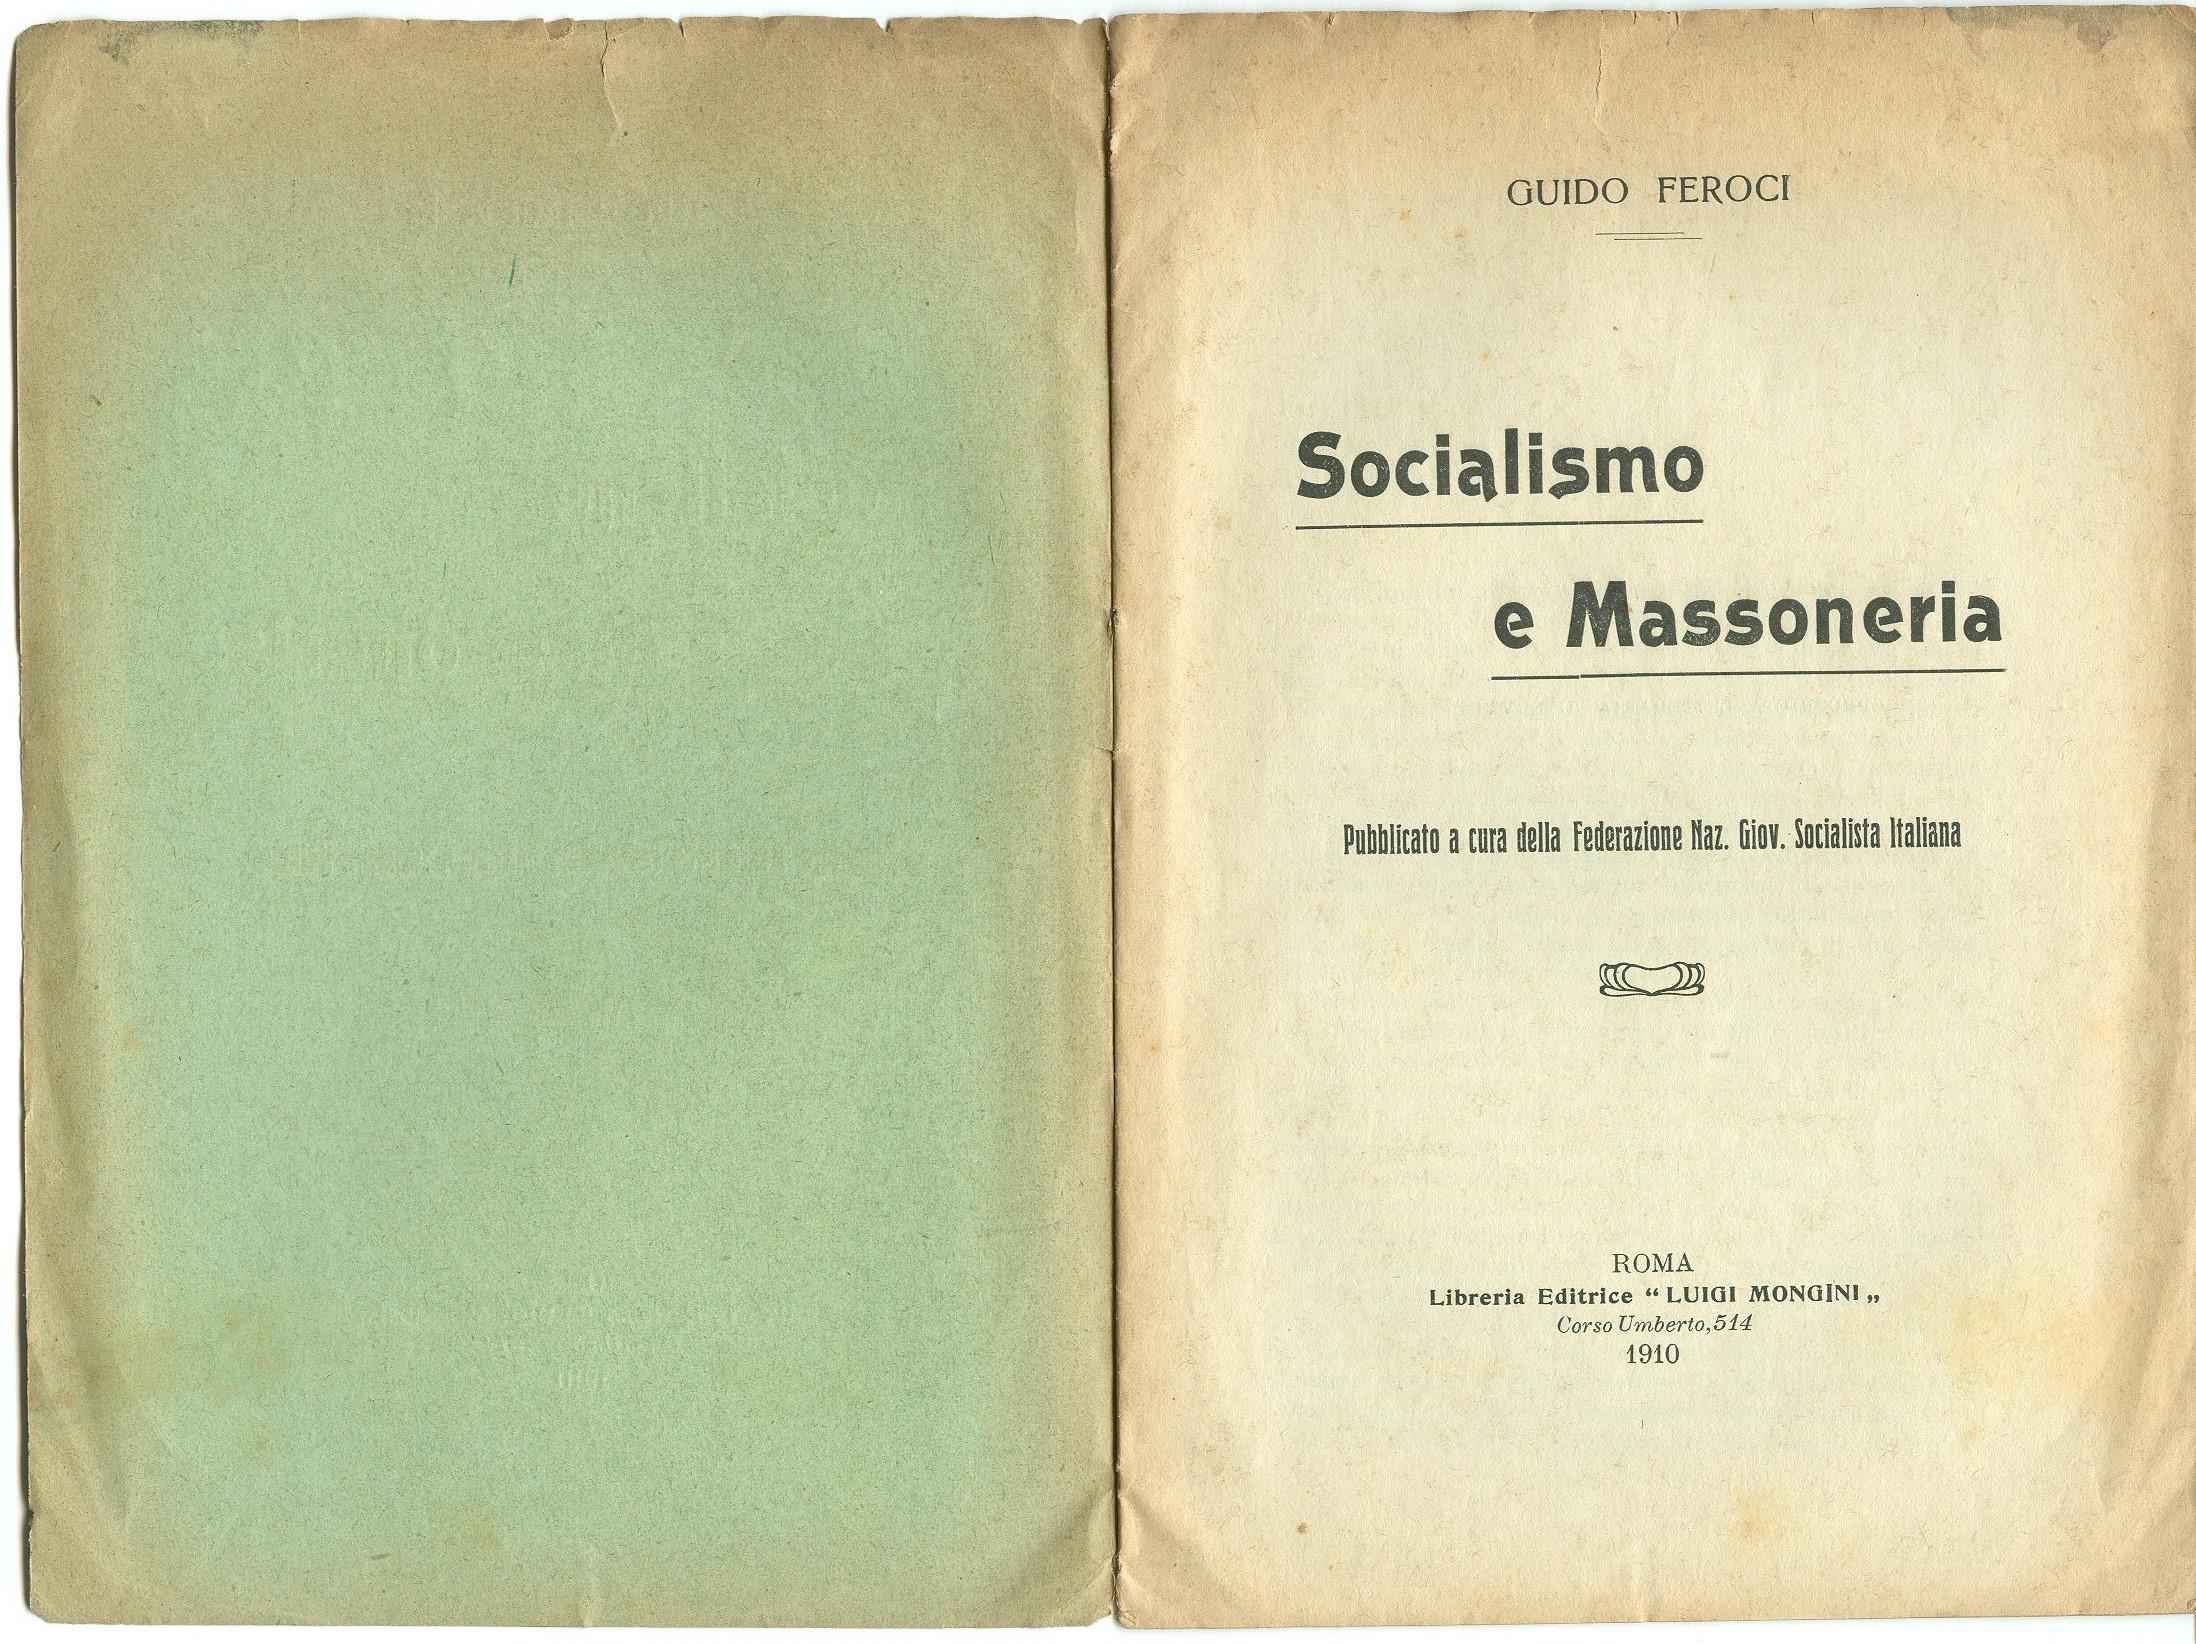 Guido Feroci, Socialismo e Massoneria (1910) - pag. 2